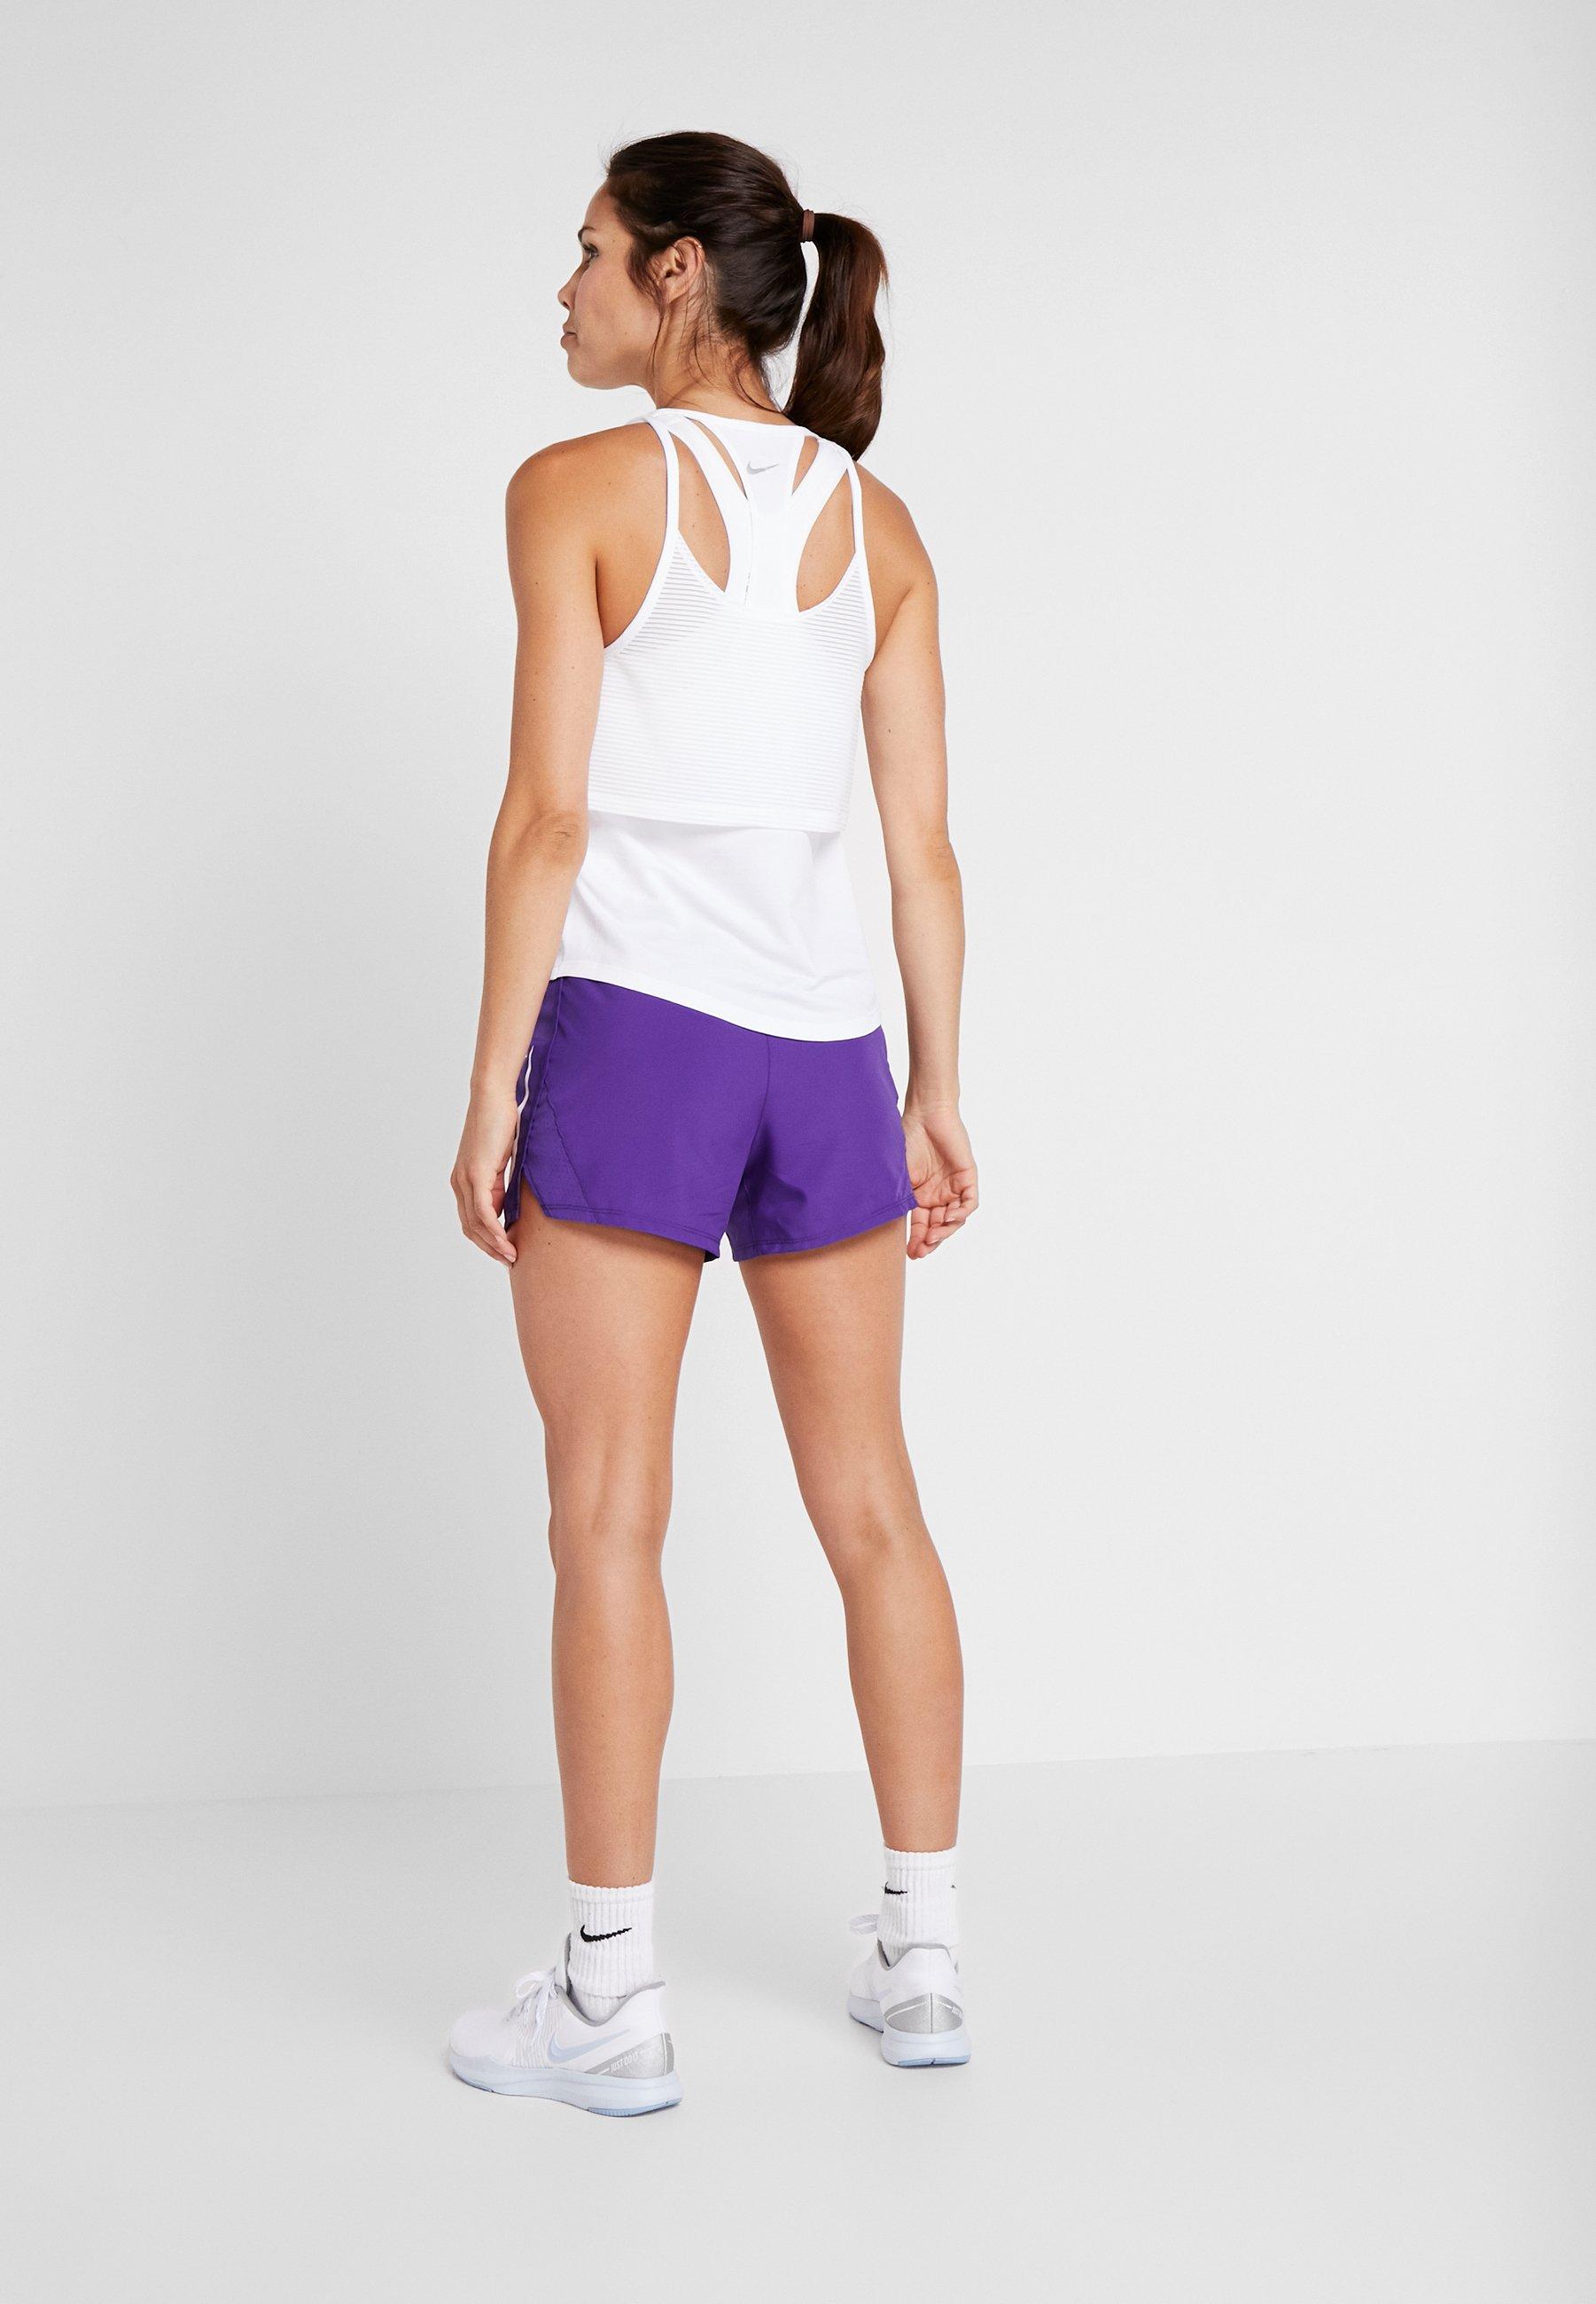 Performance shirt Sport Tank BreatheT White Nike De 4c3Lq5ARj